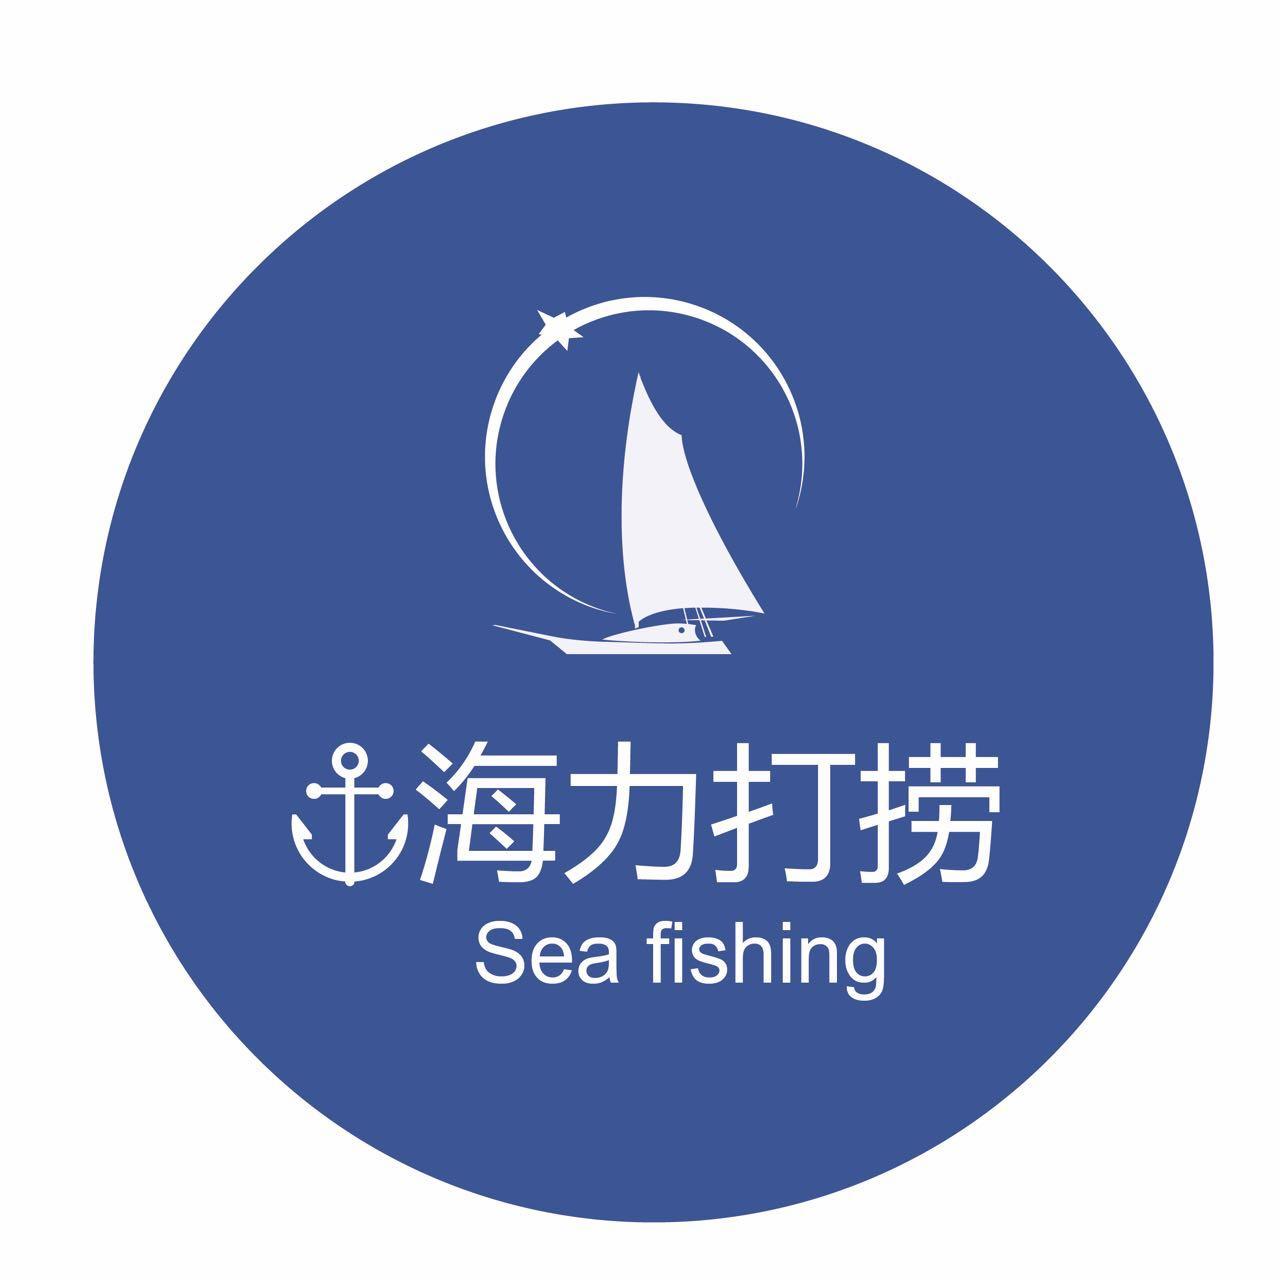 江蘇海力水下安徽快三有限公司